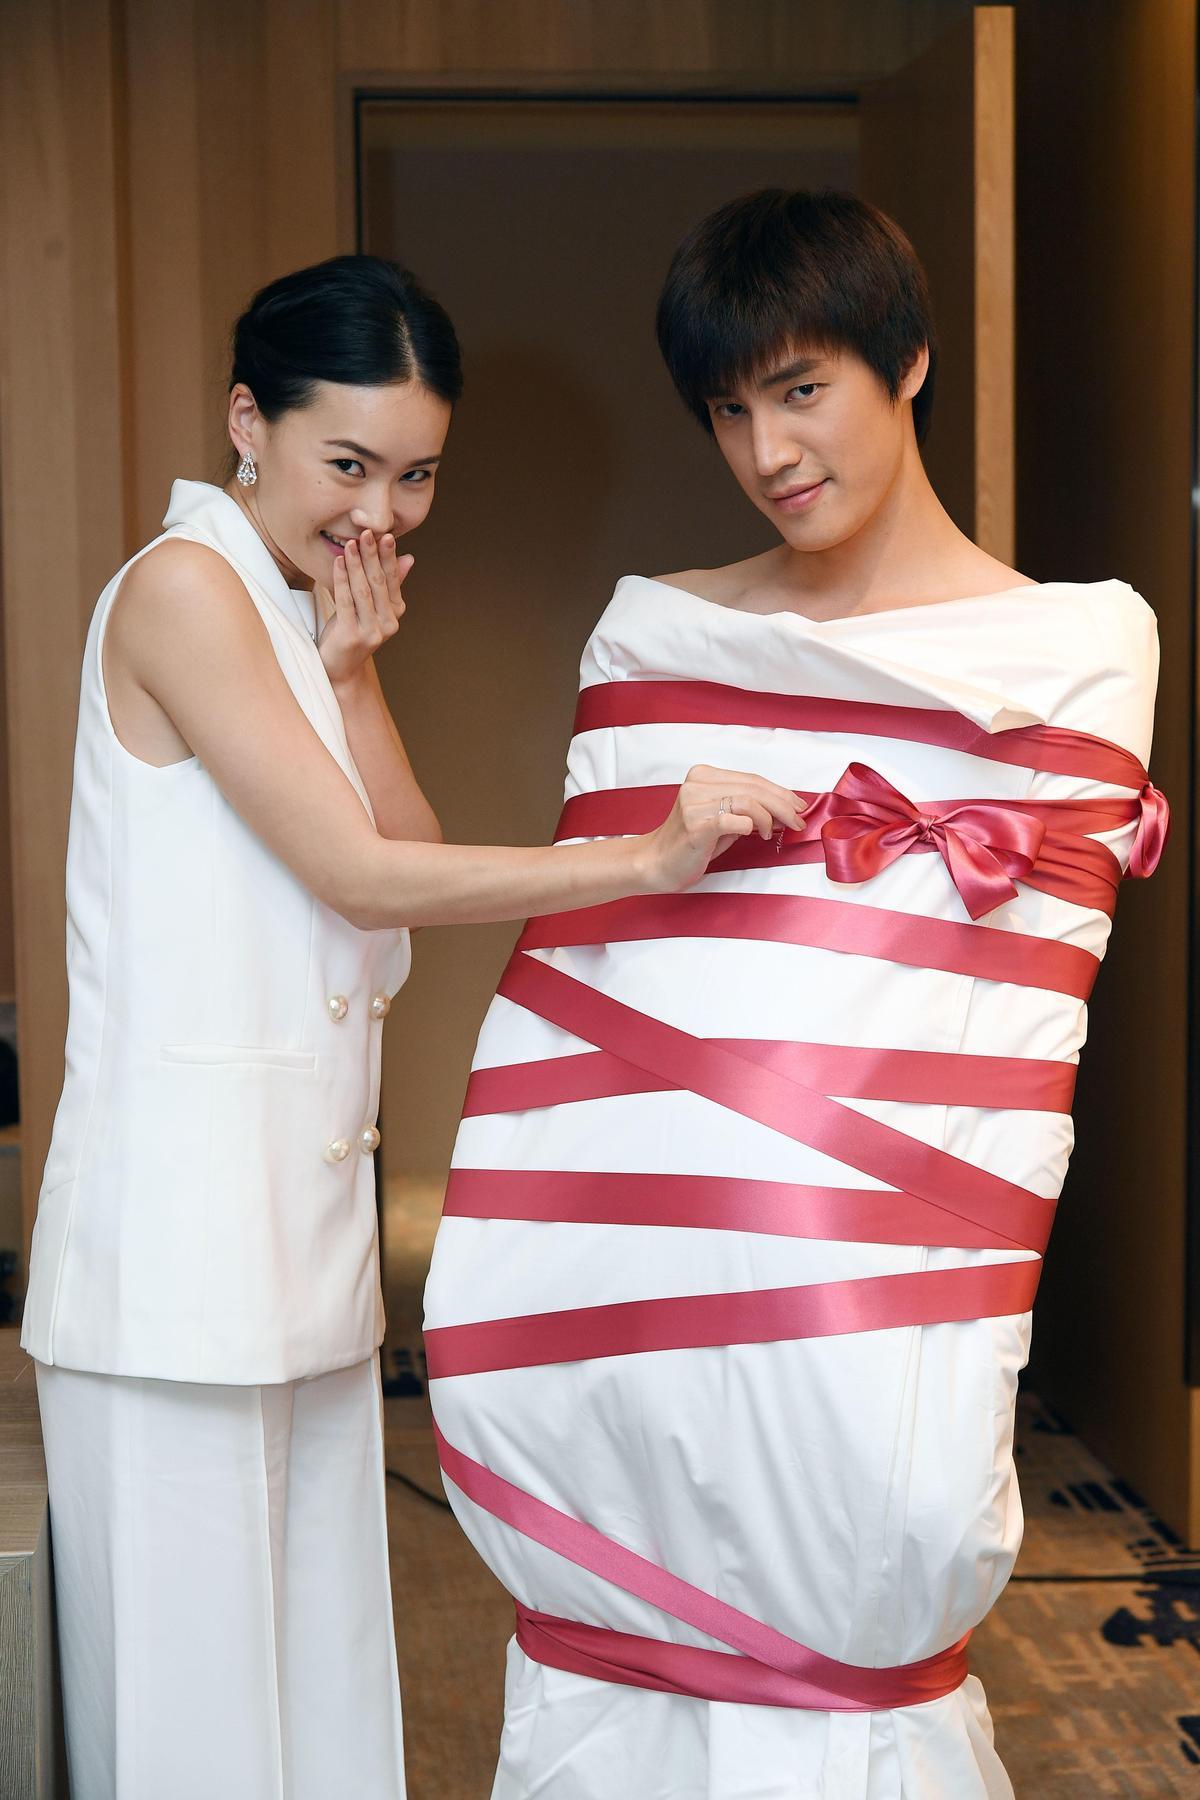 《跟鯊魚接吻》將播最終回,羅宏正(右)把自己裹成粽子當禮物送給鍾瑶(左)。(圖/三立提供)